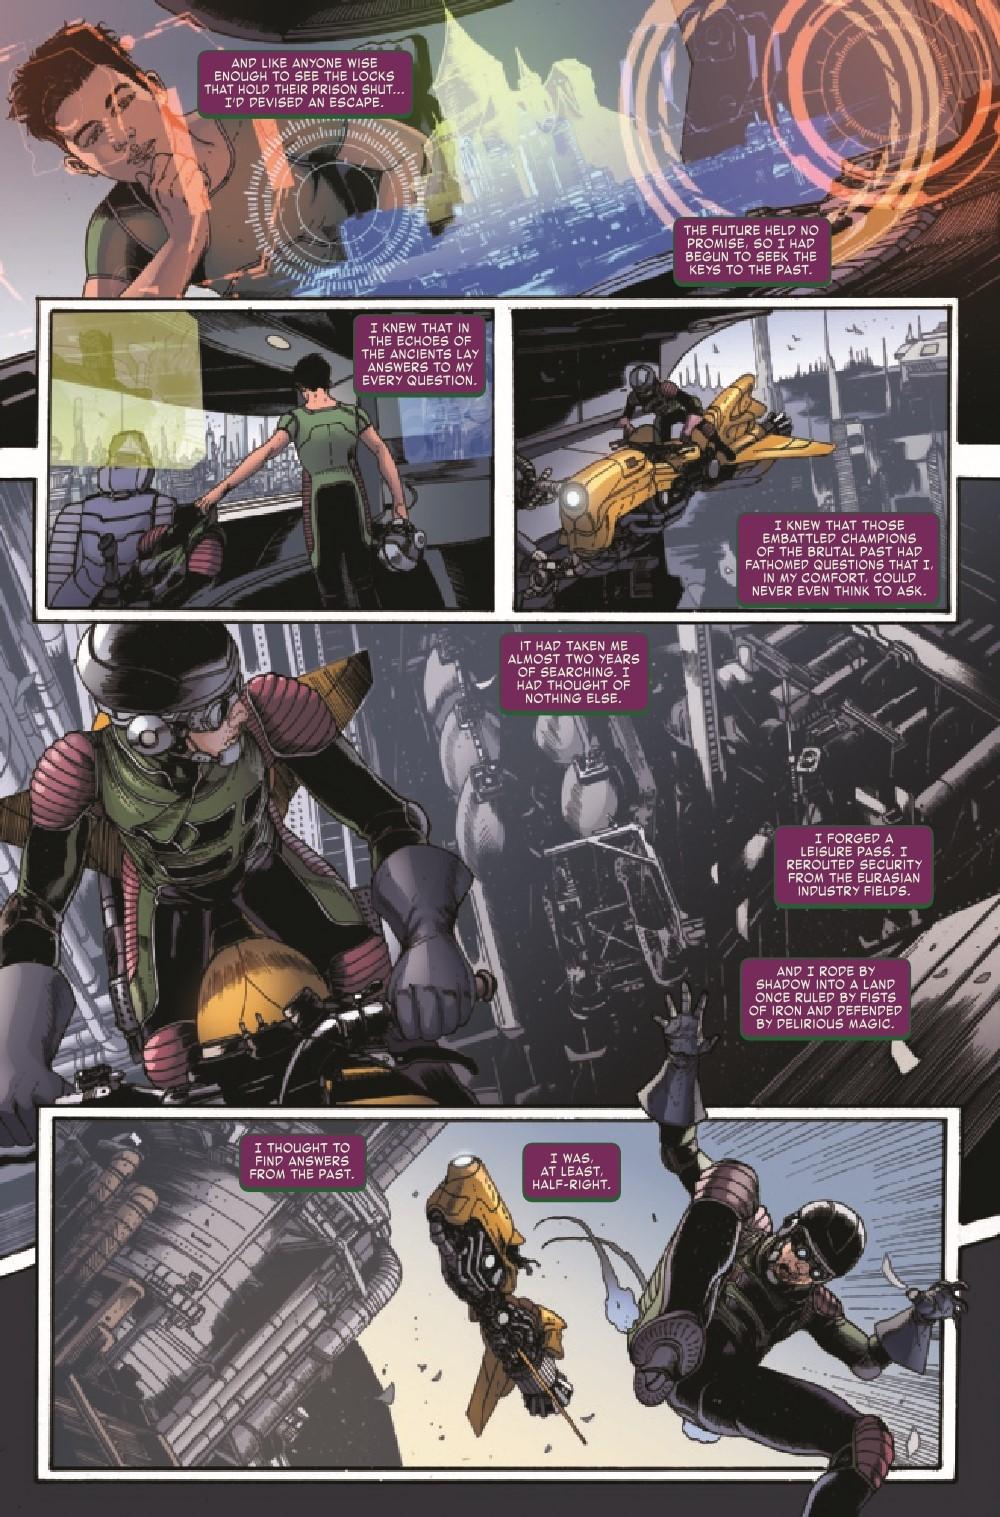 KANGCONQUEROR2021001_Preview-5 ComicList Previews: KANG THE CONQUEROR #1 (OF 5)